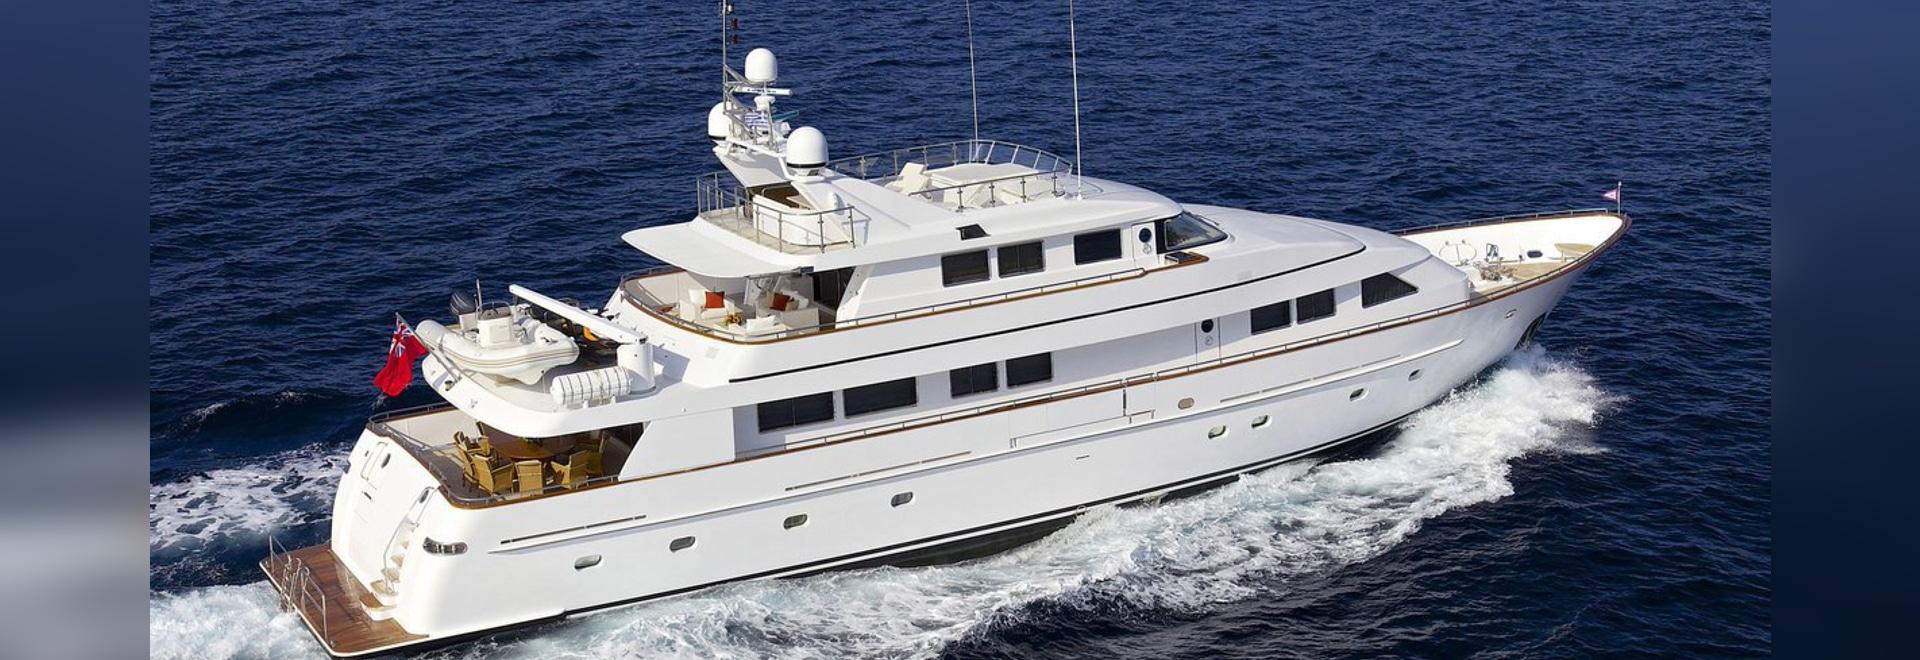 37m classic superyacht Lady Ellen sold